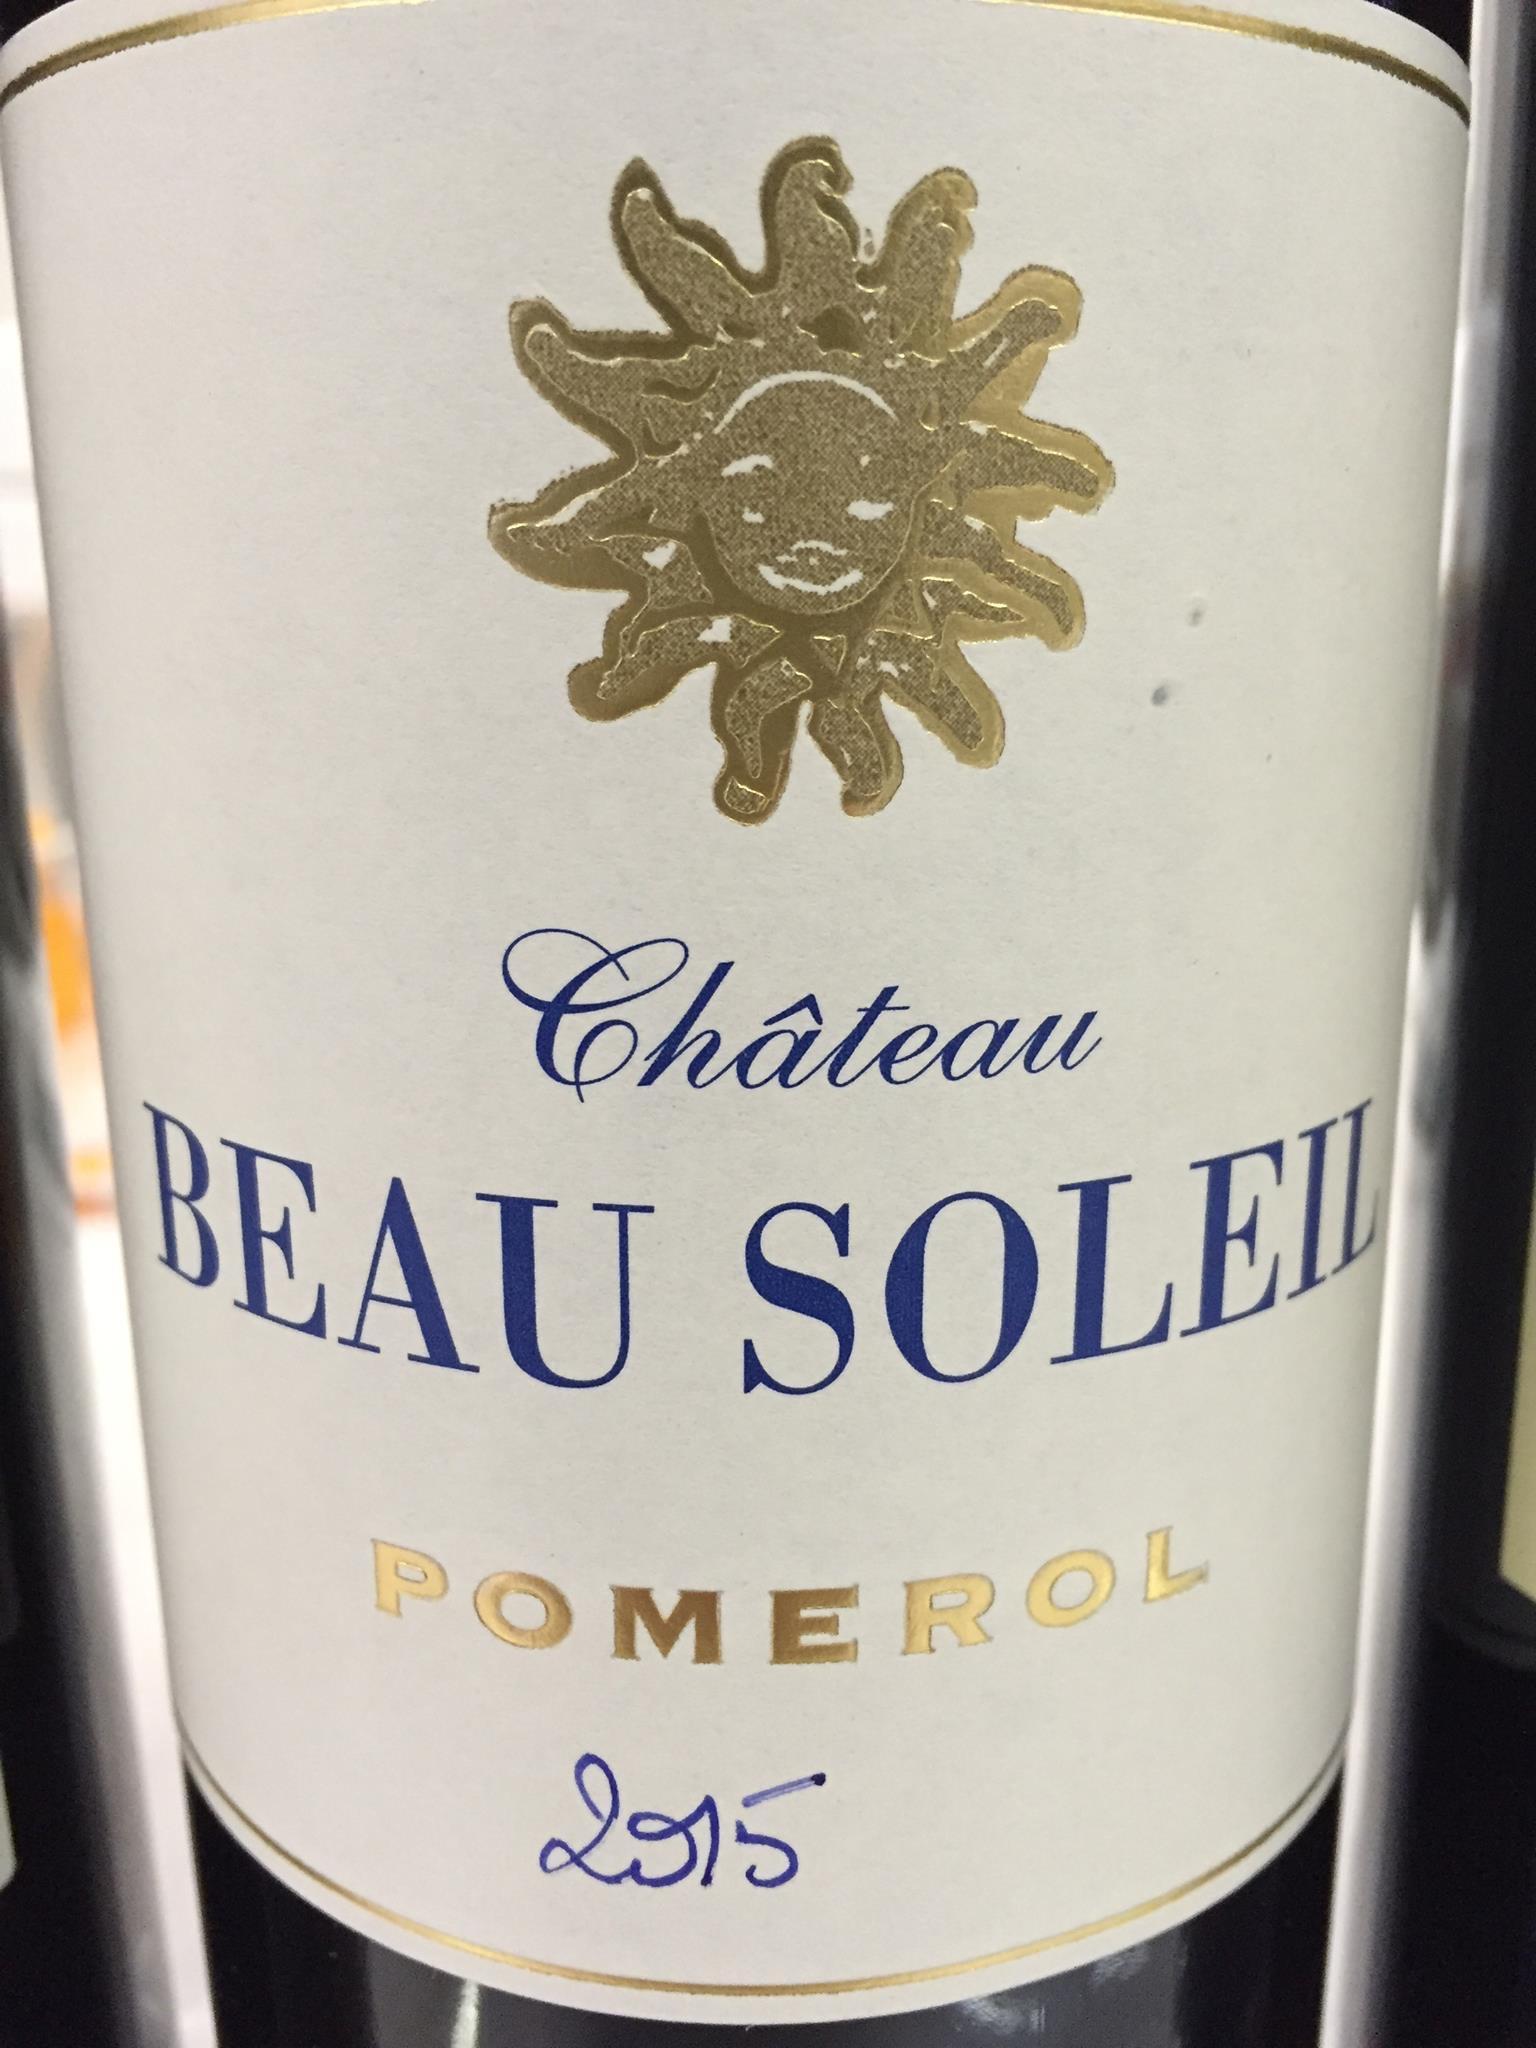 Château Beau Soleil 2015 – Pomerol